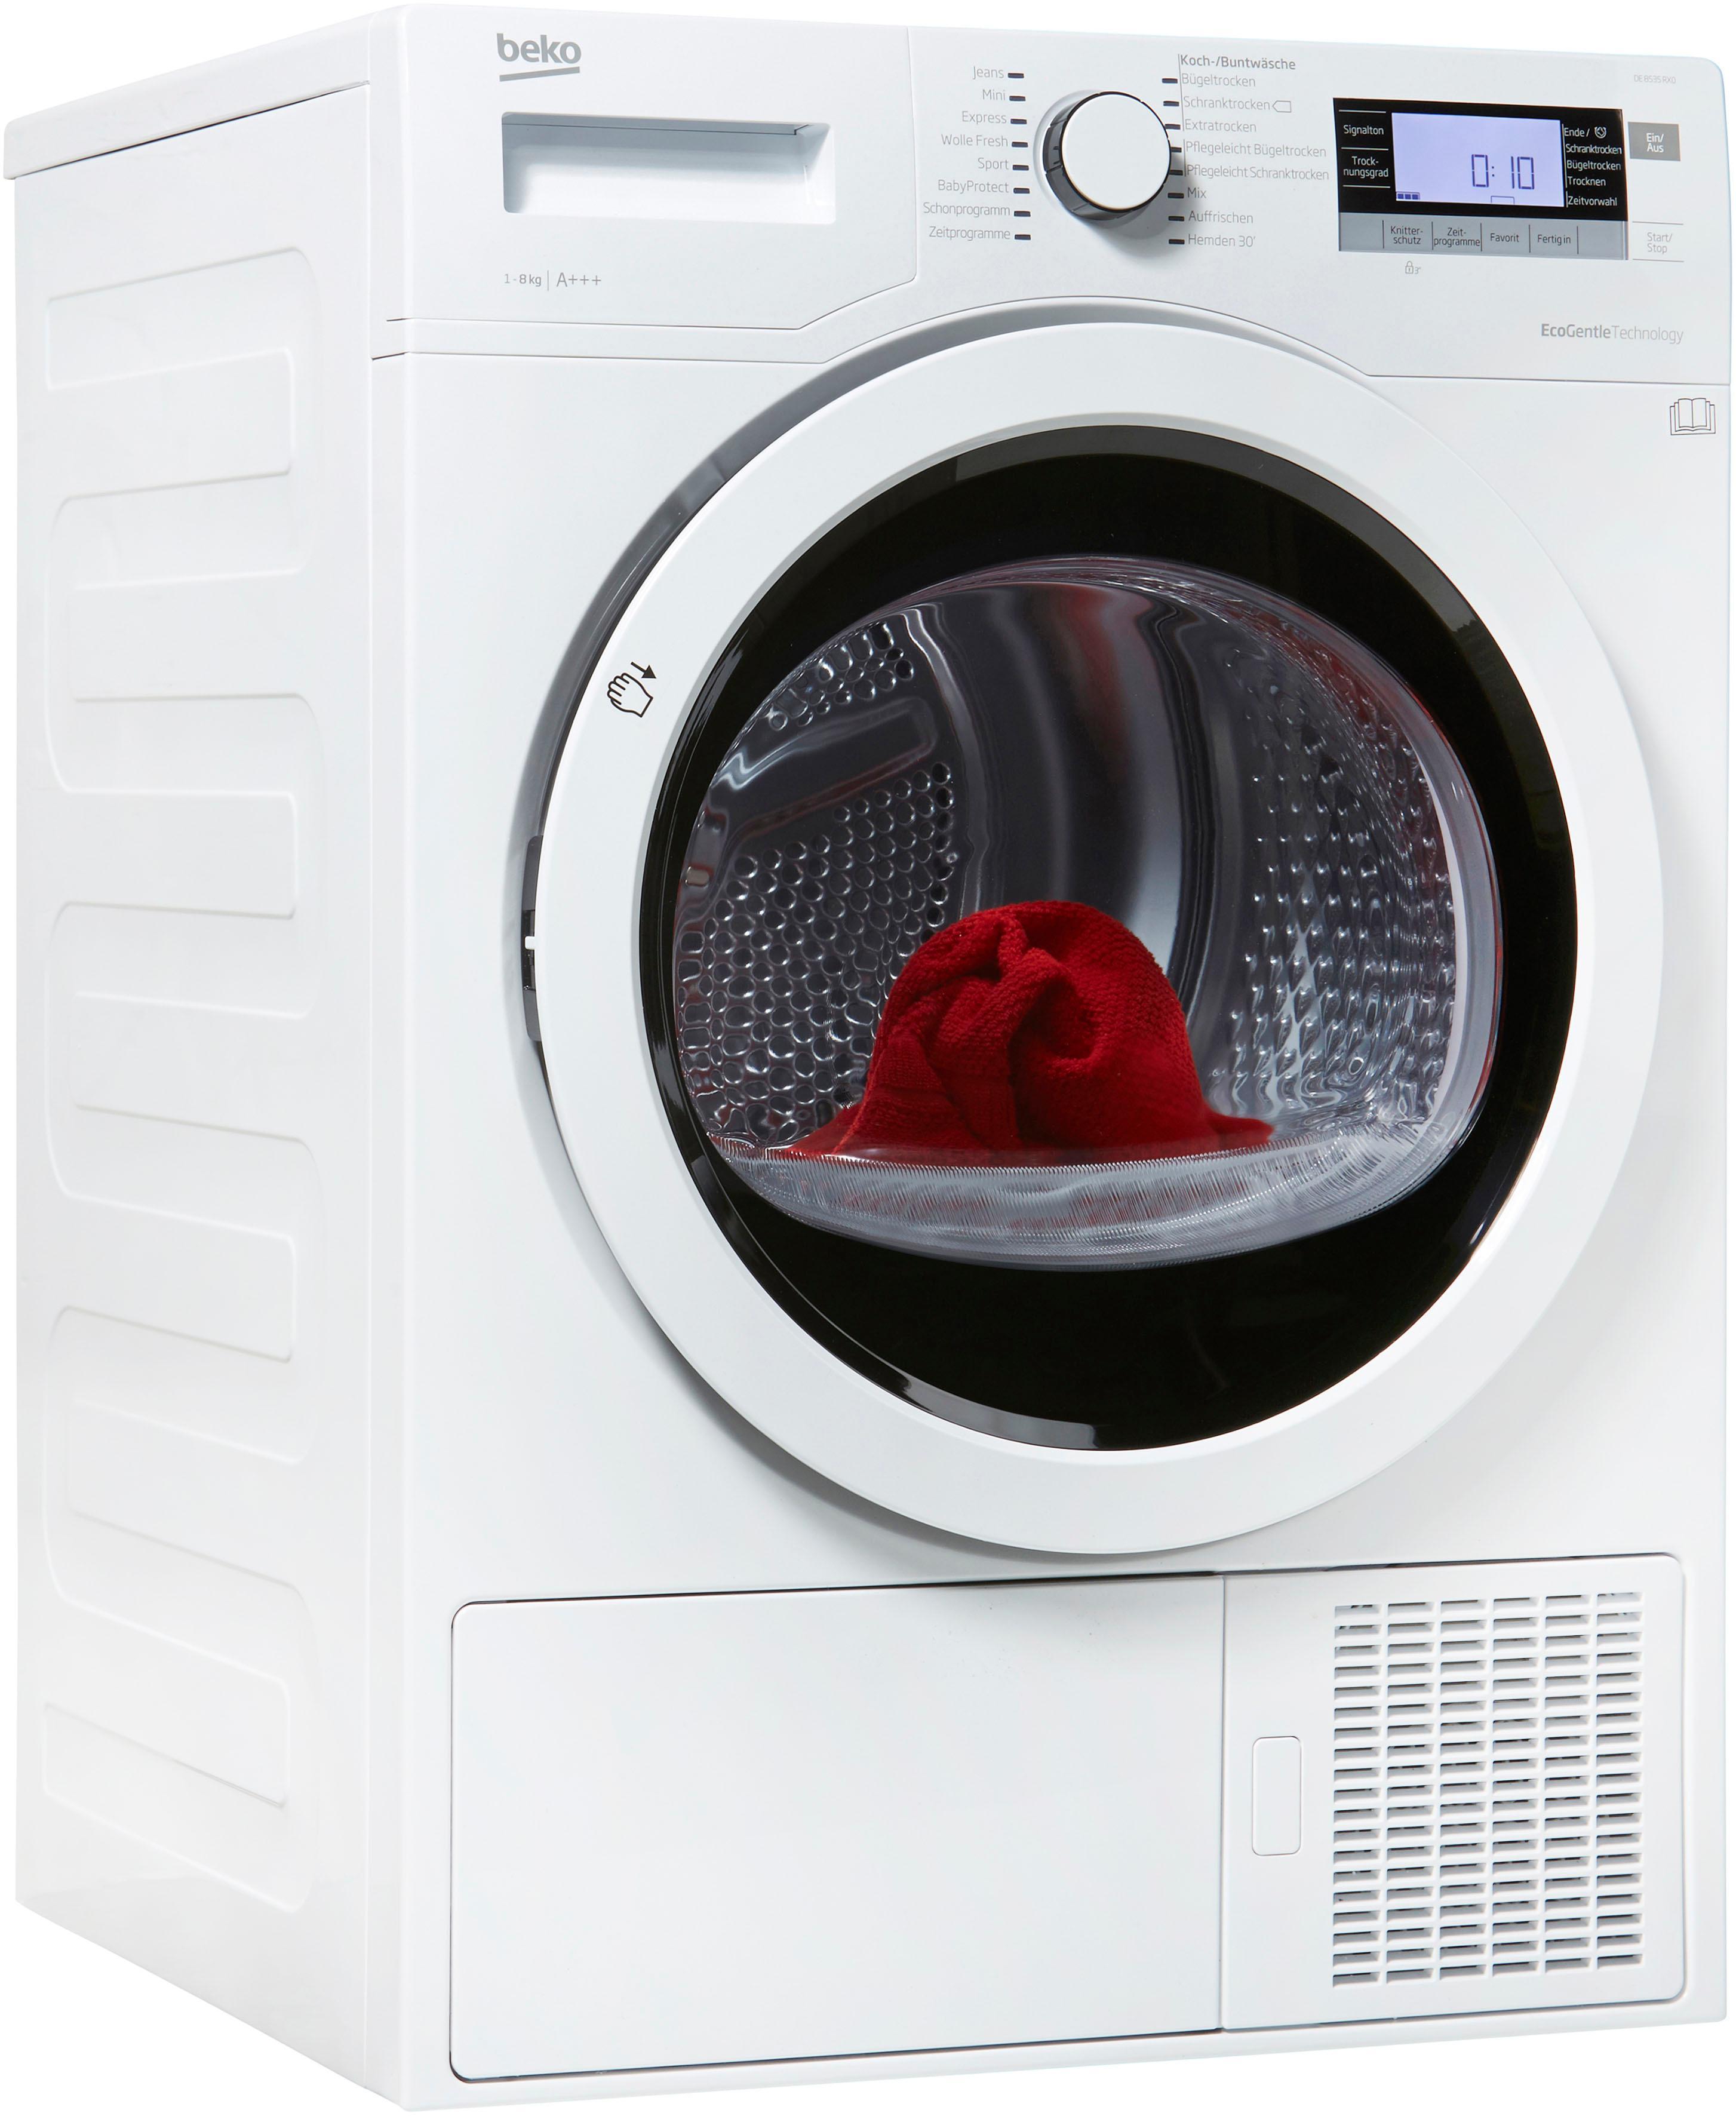 BEKO Wärmepumpentrockner DE8535RX0, 8 kg | Bad > Waschmaschinen und Trockner > Wärmepumpentrockner | Beko